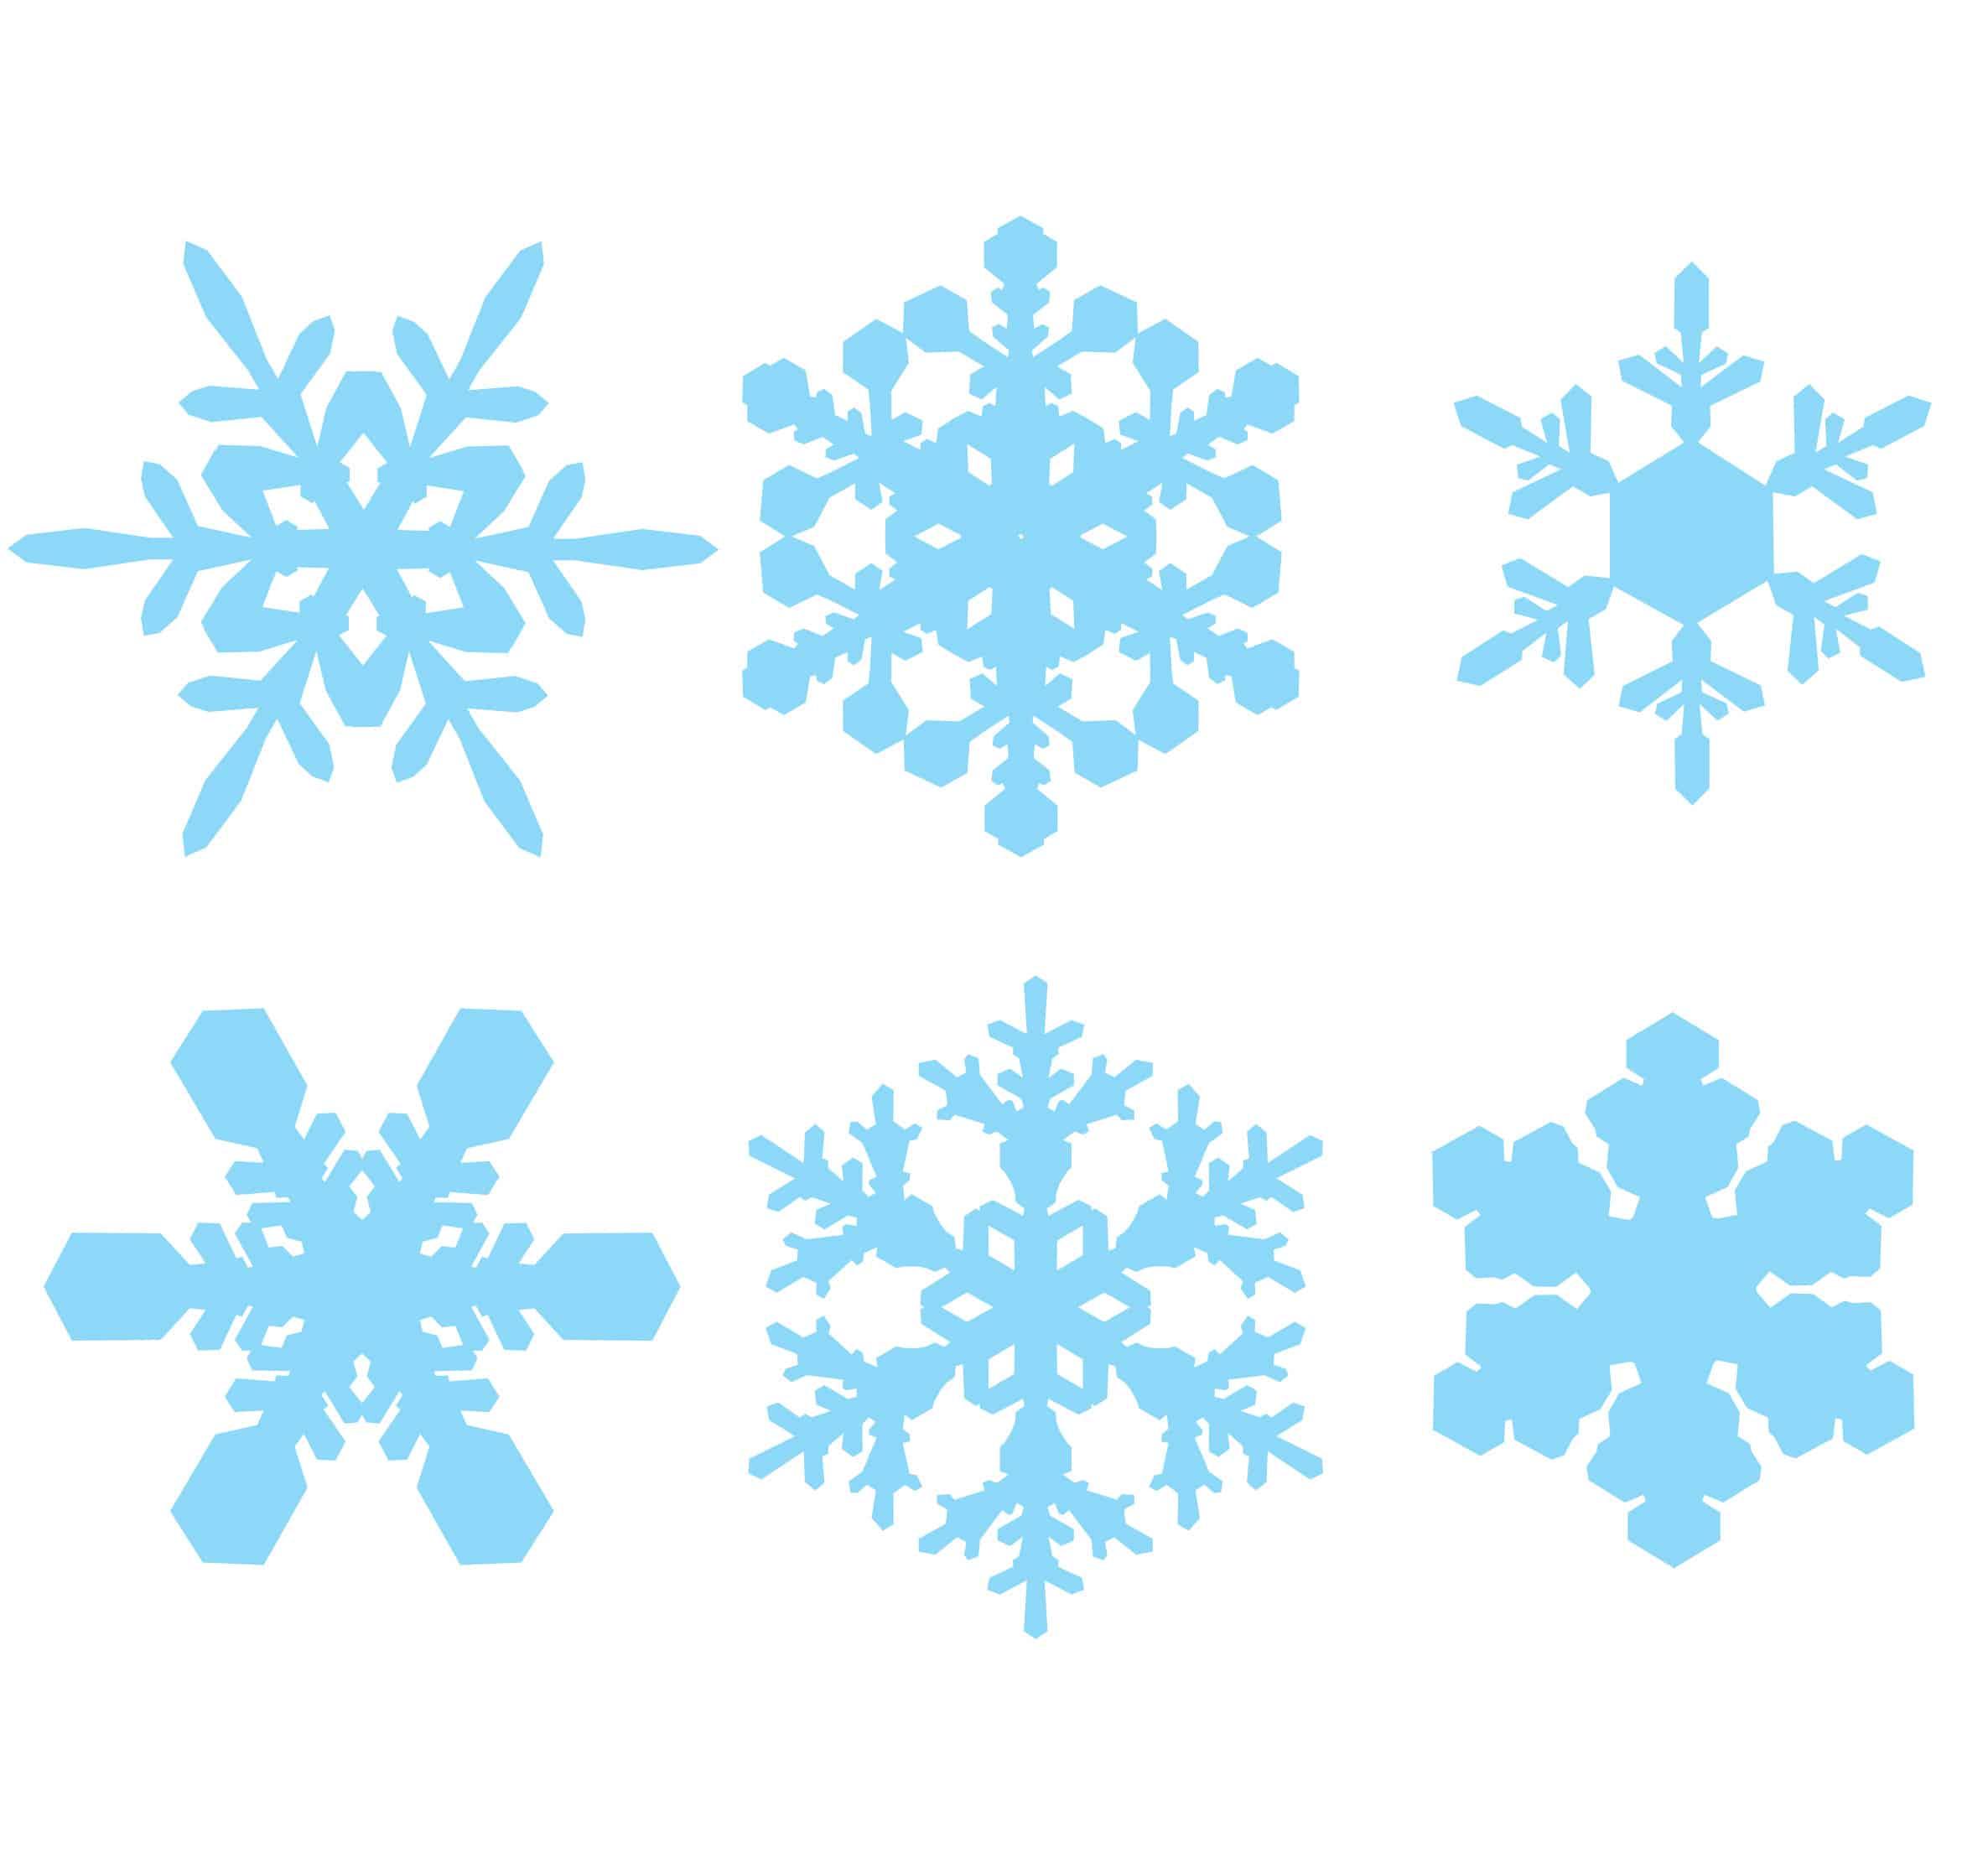 Fiocchi di neve da stampare e ritagliare